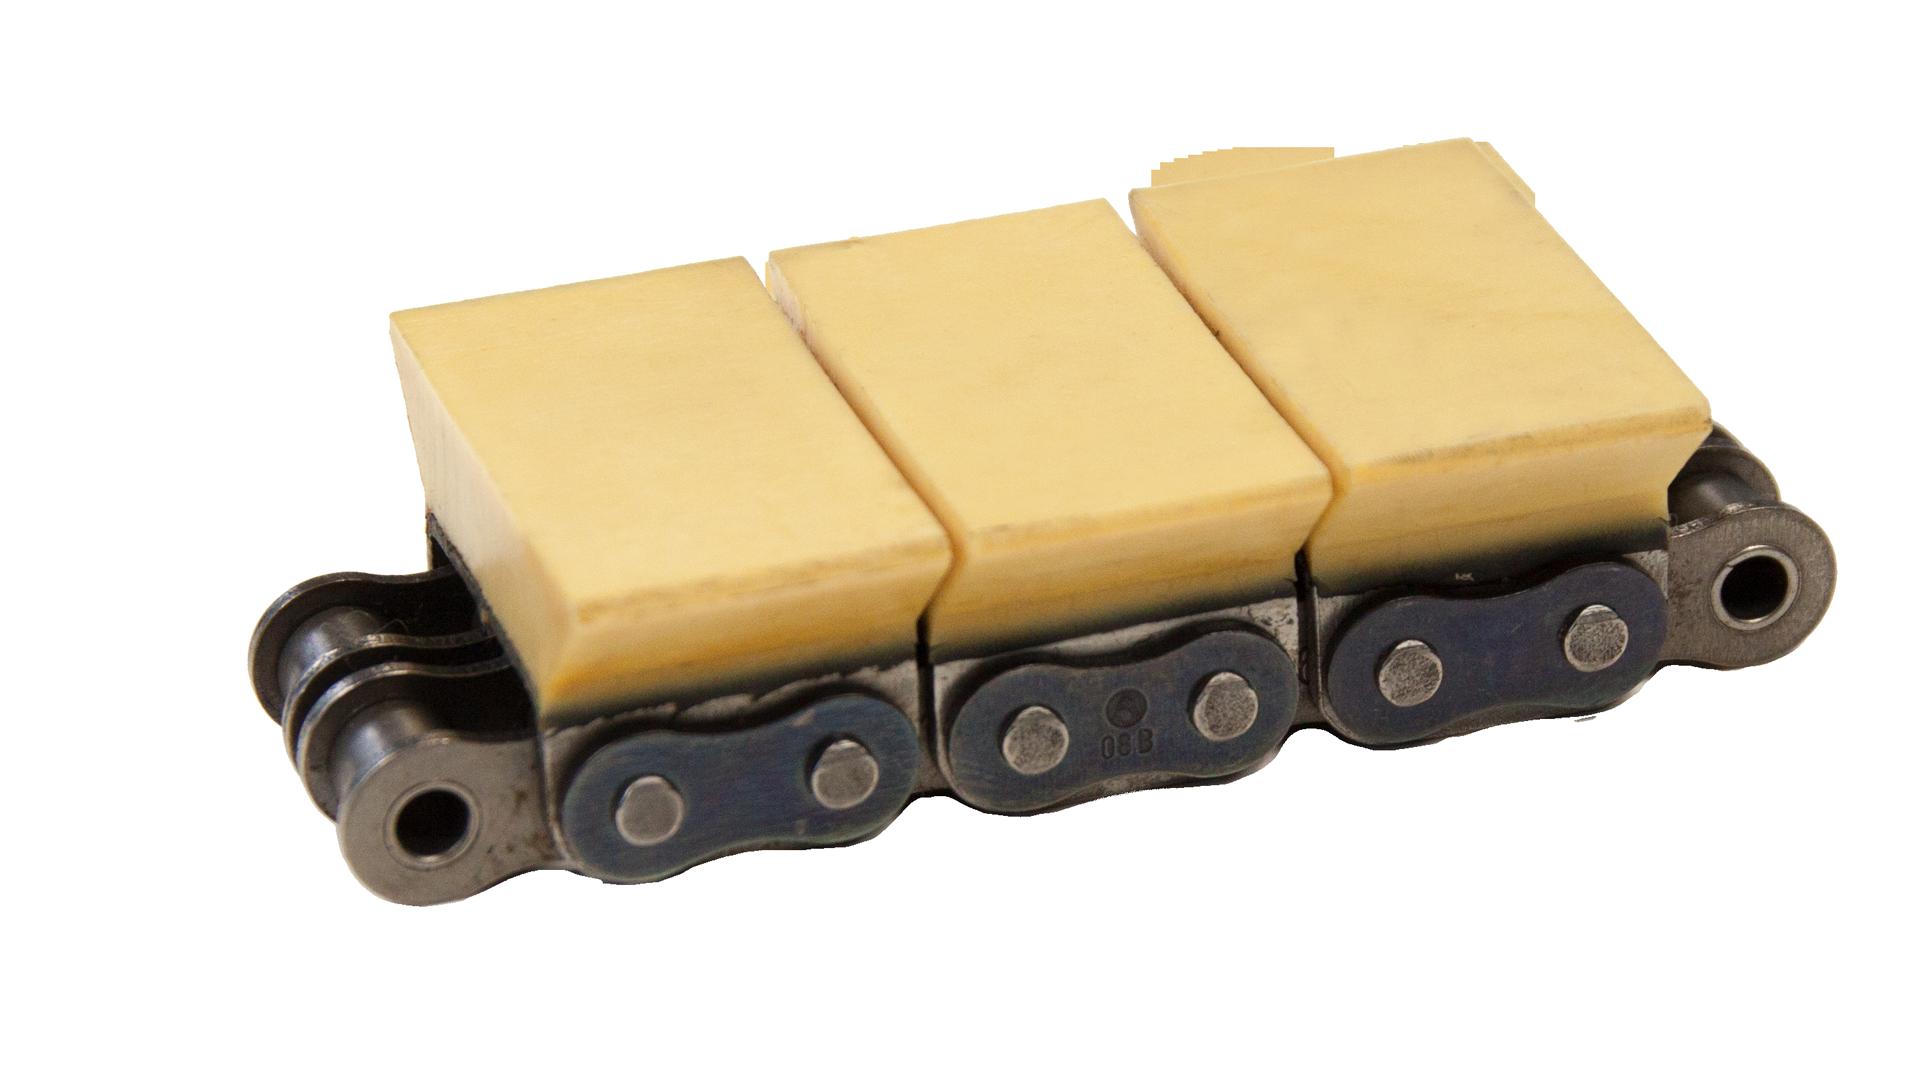 Zweifach-Rollenkette (duplex), mit U-Bügel und aufvulkanisiertem Gummiprofil (Elastomerprofil)